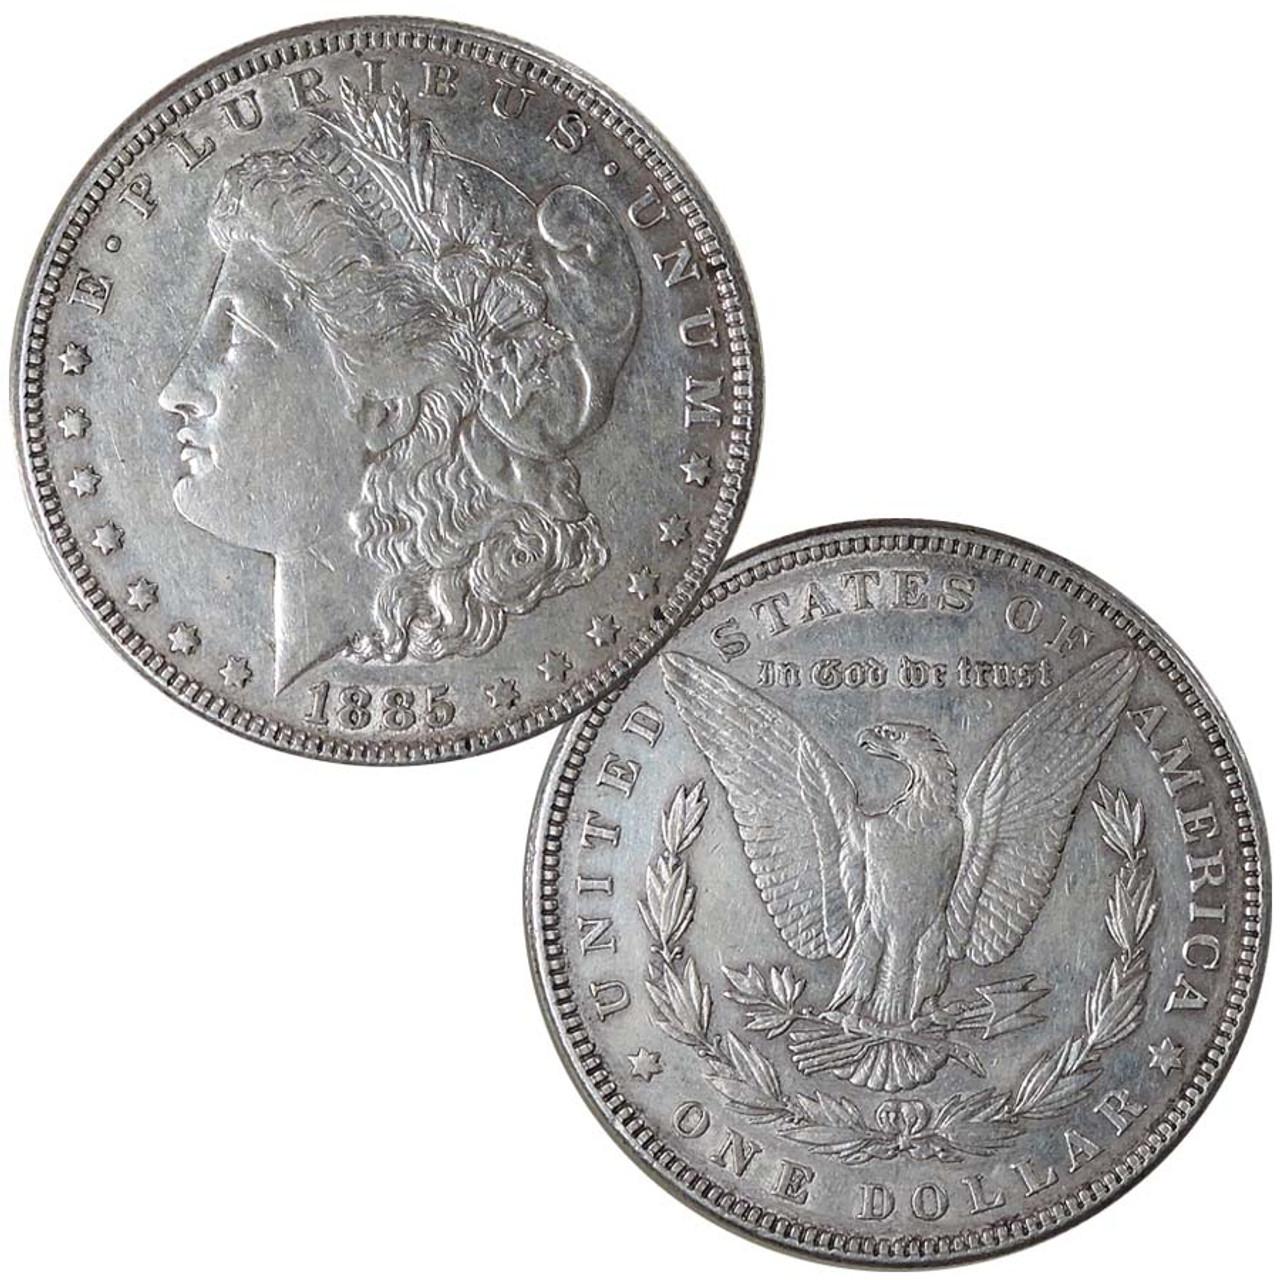 1885-P Morgan Silver Dollar Extra Fine Image 1